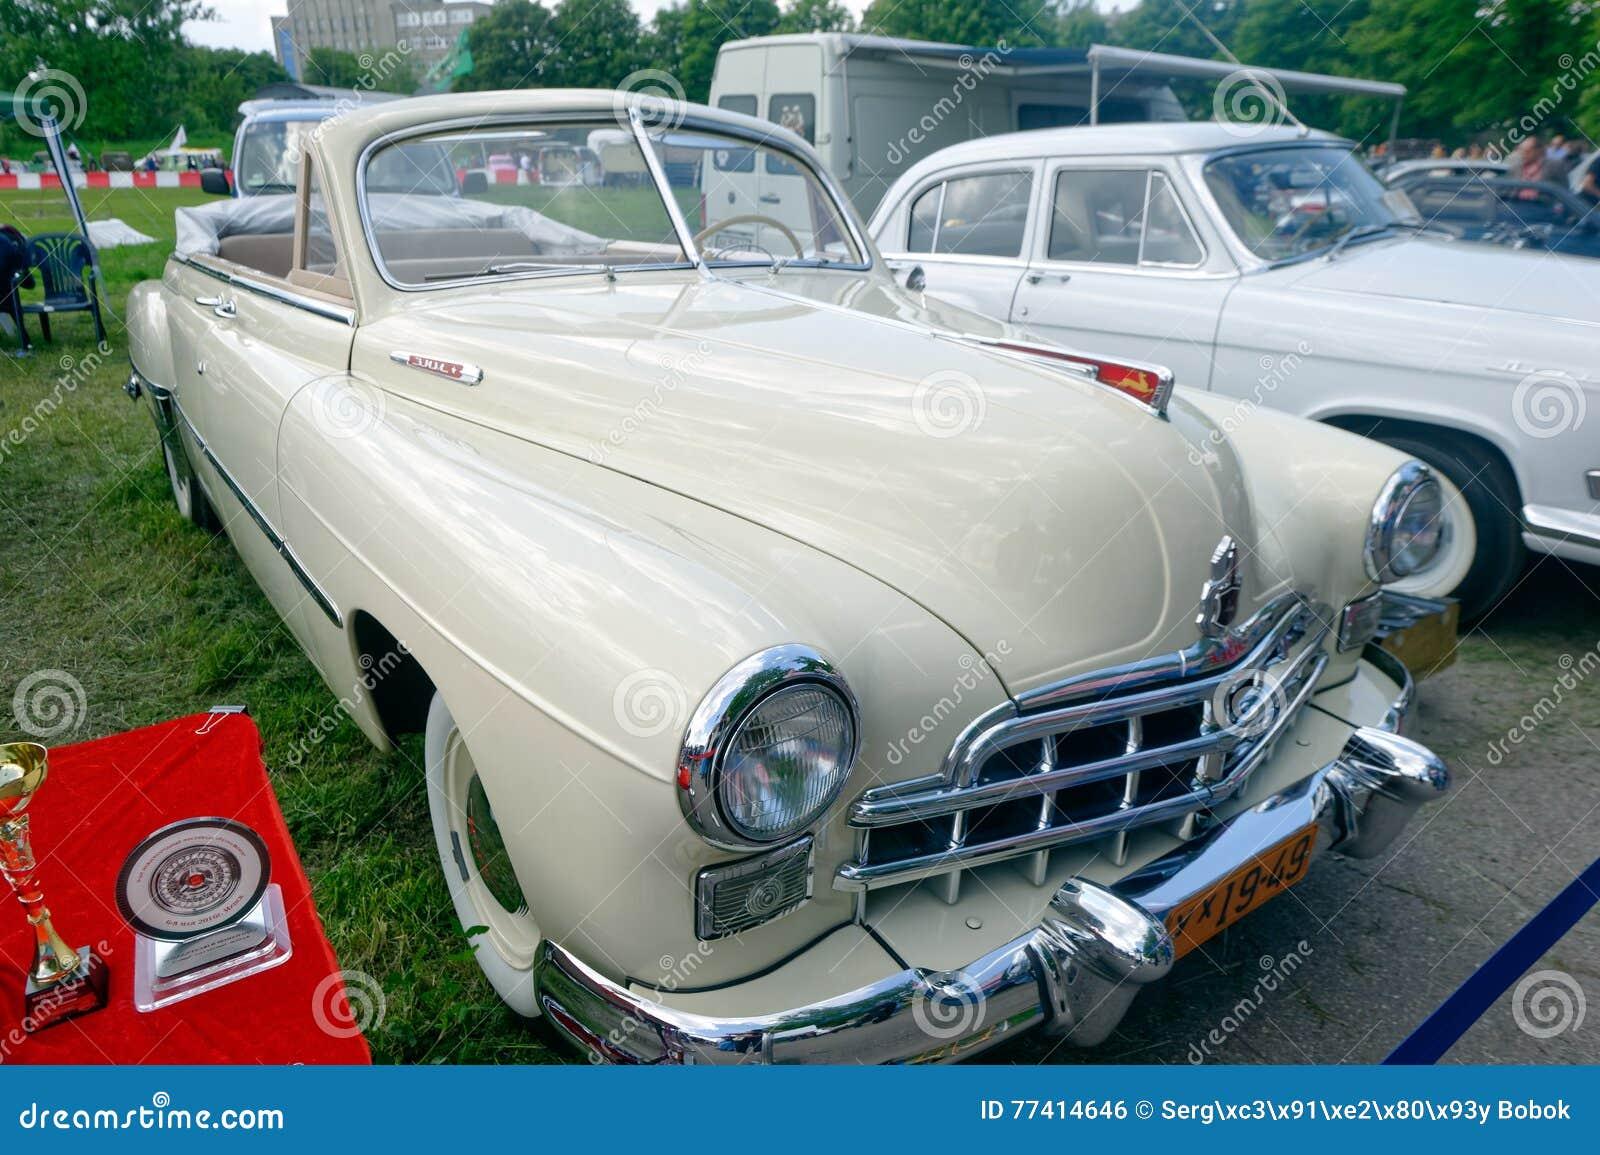 [Pilt: gaz-zim-phaeton-vintage-car-stock-image-...414646.jpg]